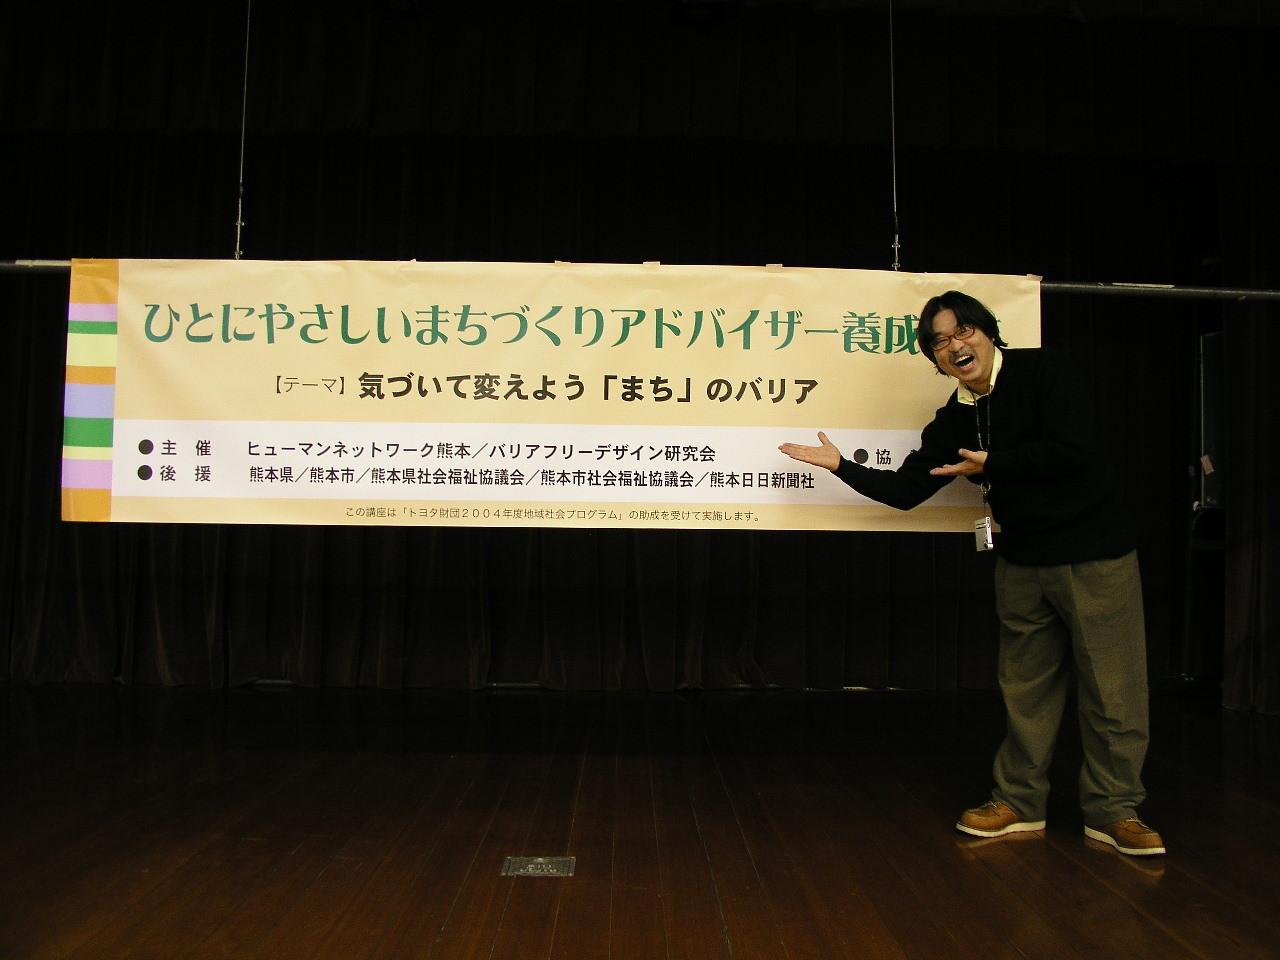 名古屋で勉強してきたことを生かせるときが来ました